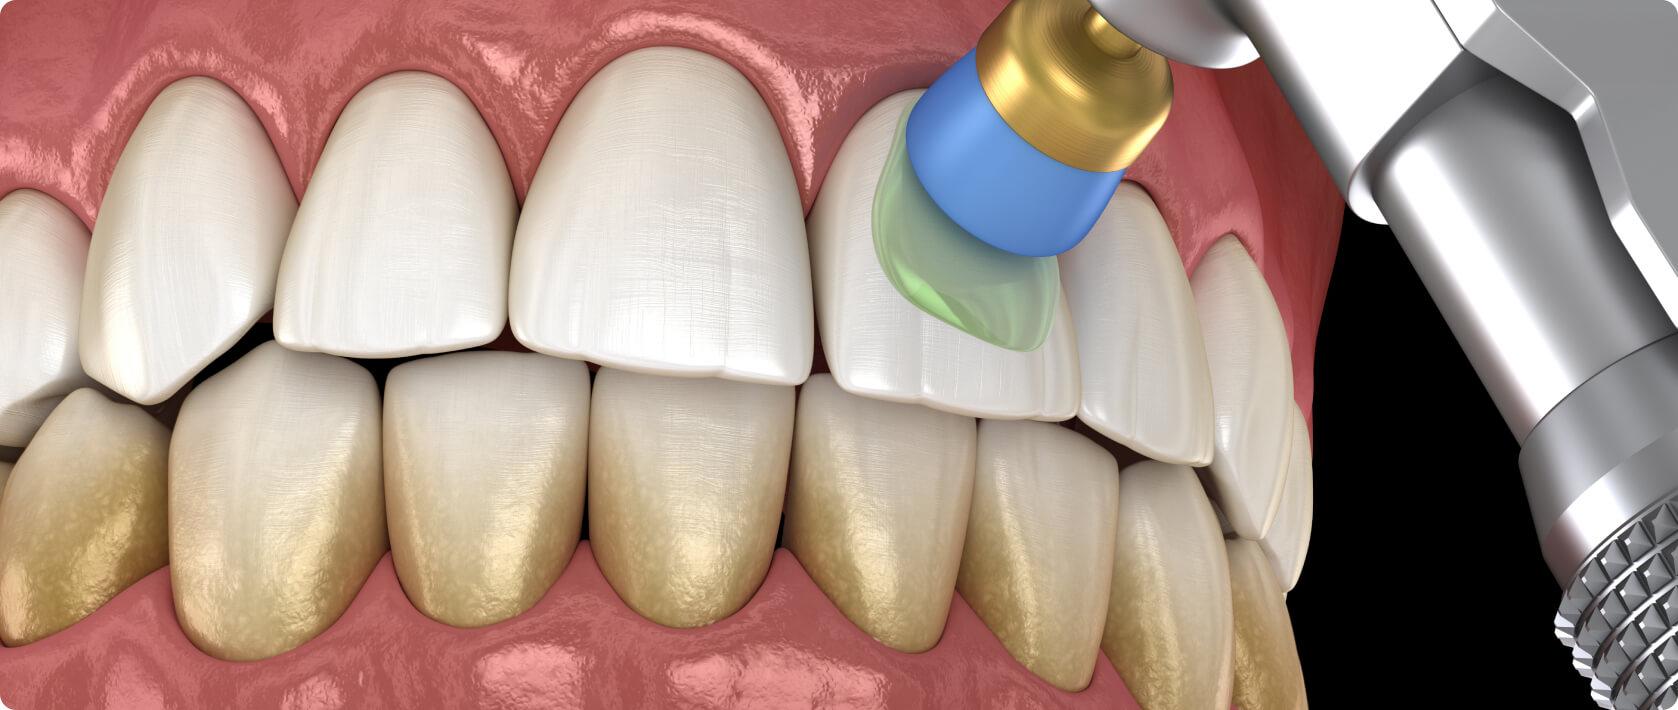 Wurzelbehandlung nach zahn verfärbt sich grau Wird Zahn